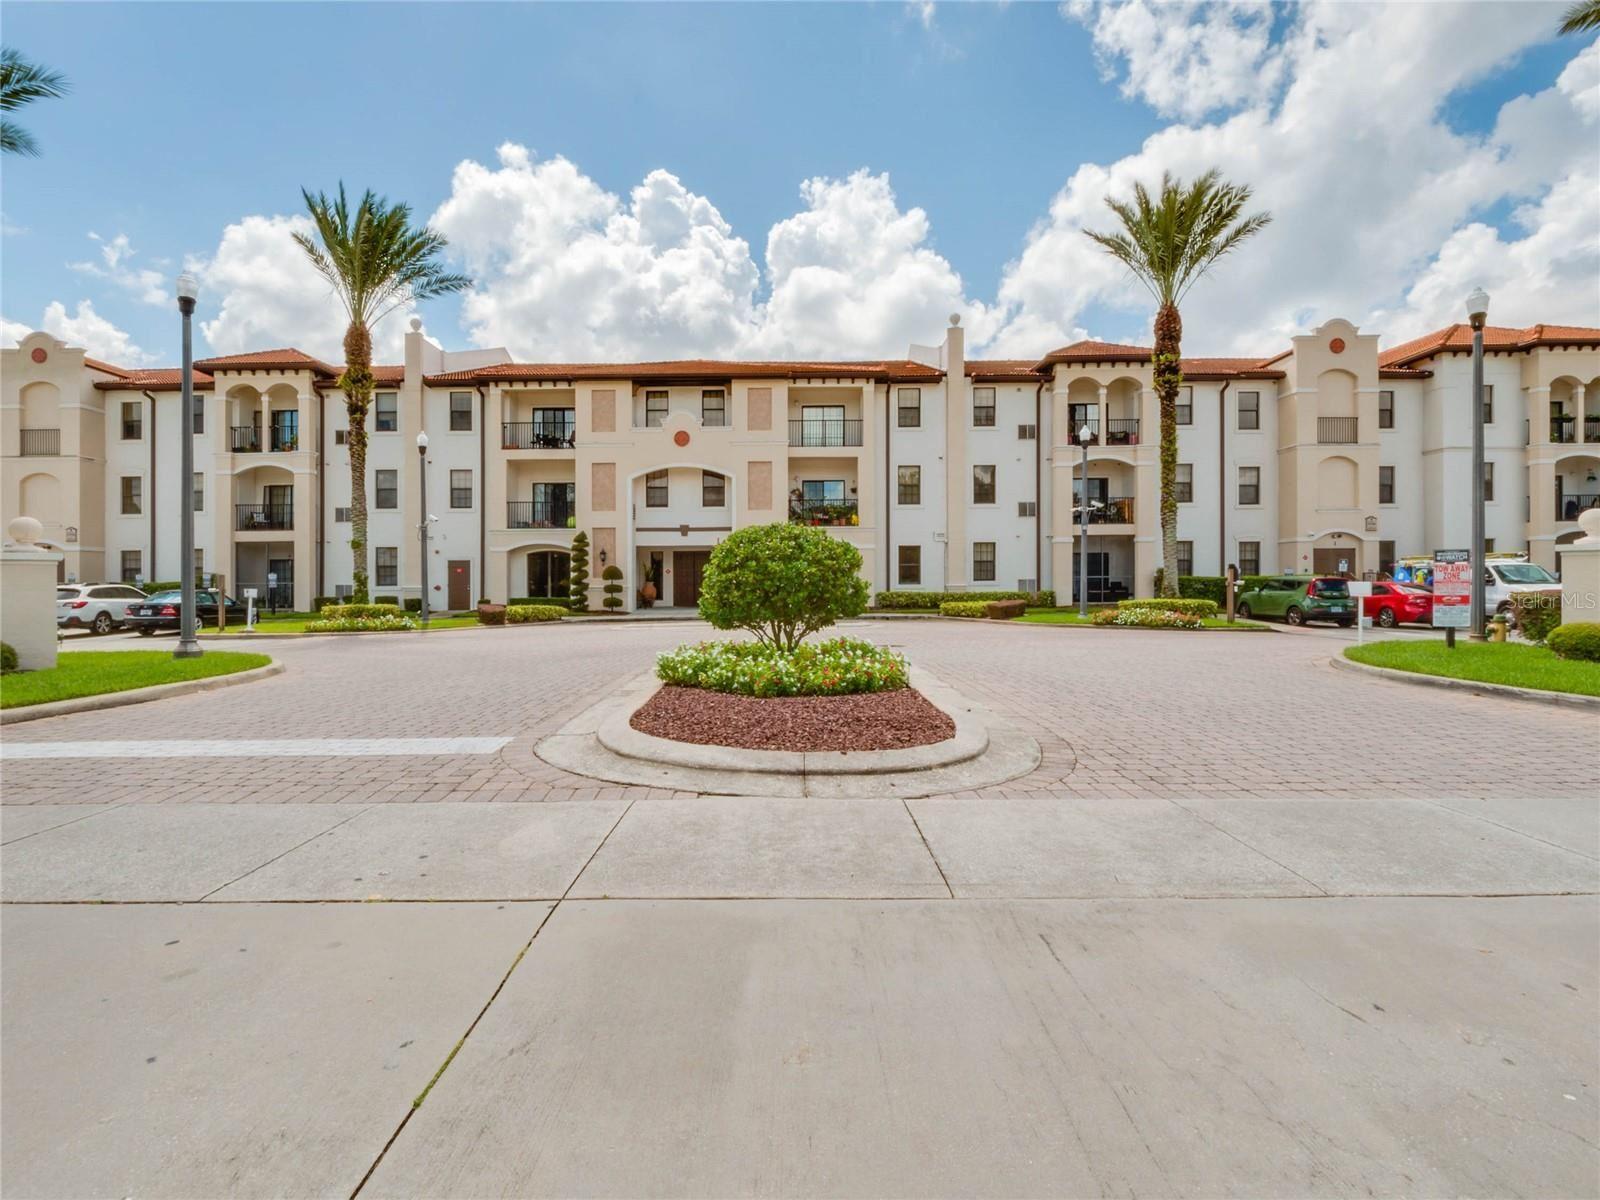 5550 E MICHIGAN STREET #2316, Orlando, FL 32822 - #: O5972906